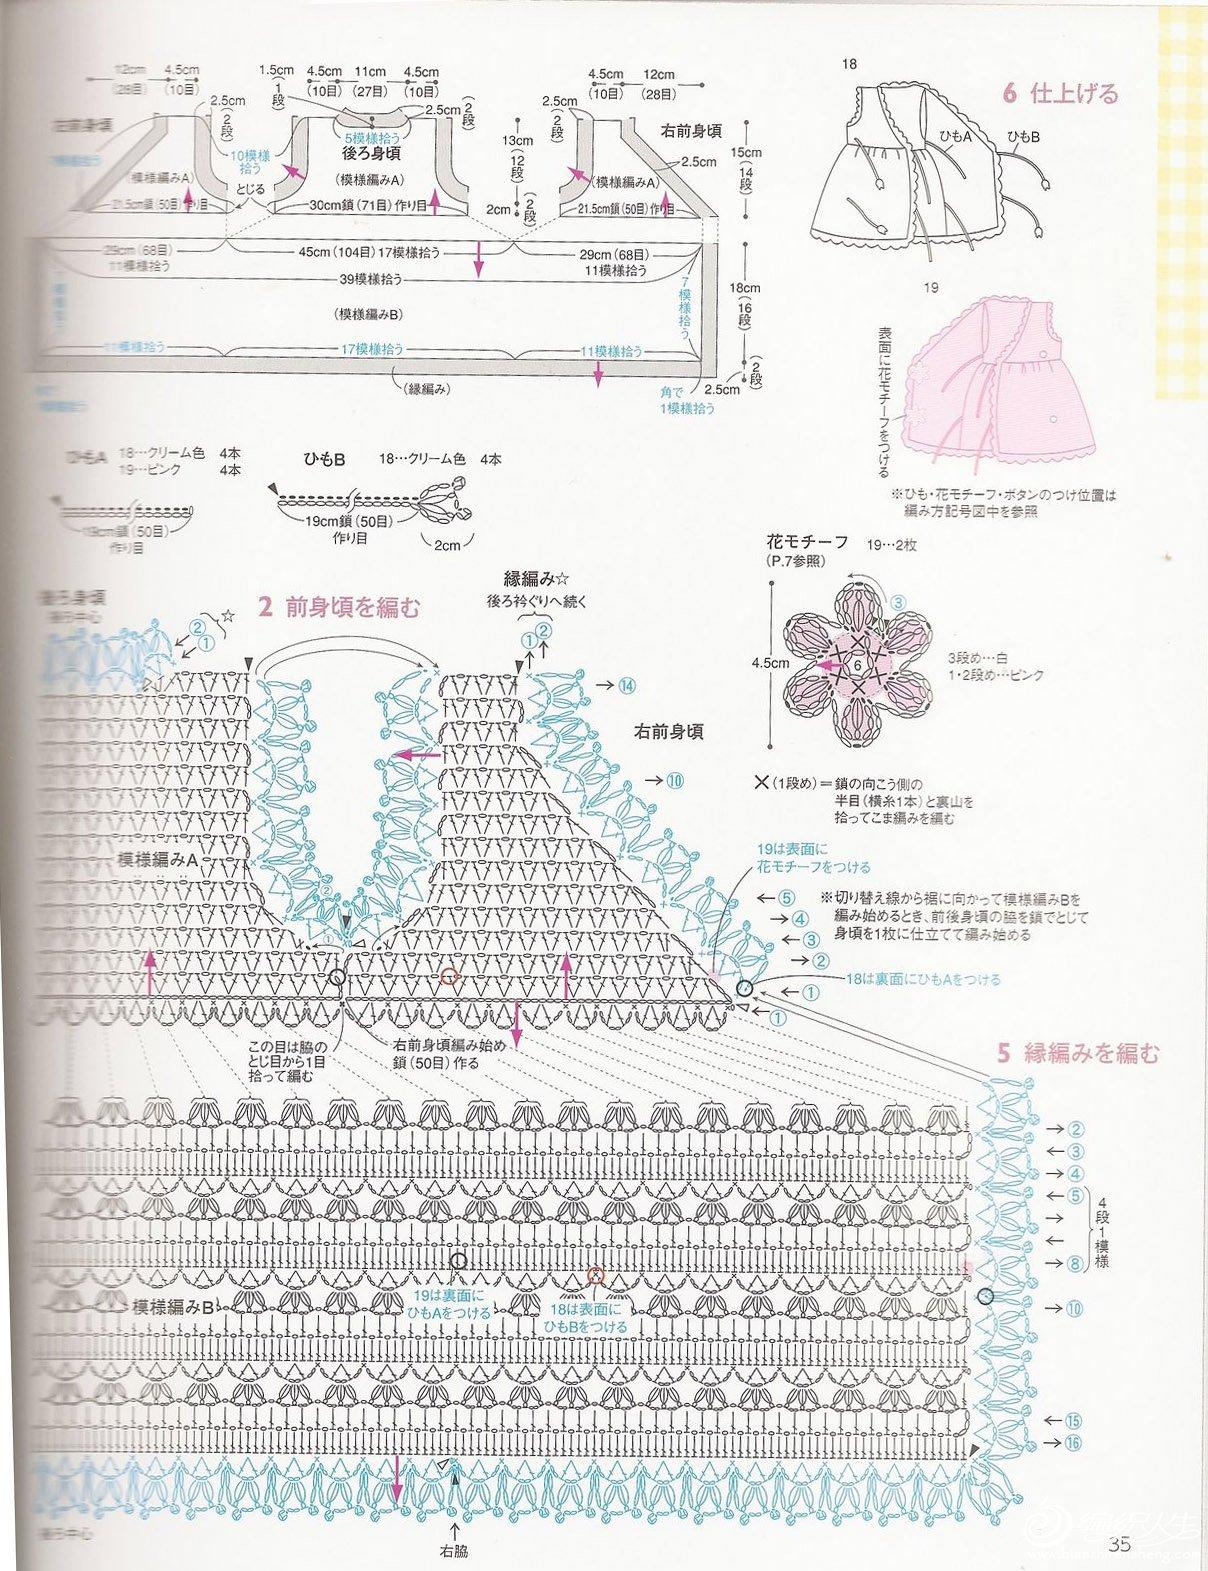 日-Asahi original 1週間でかんたんベビーニット (32).JPG